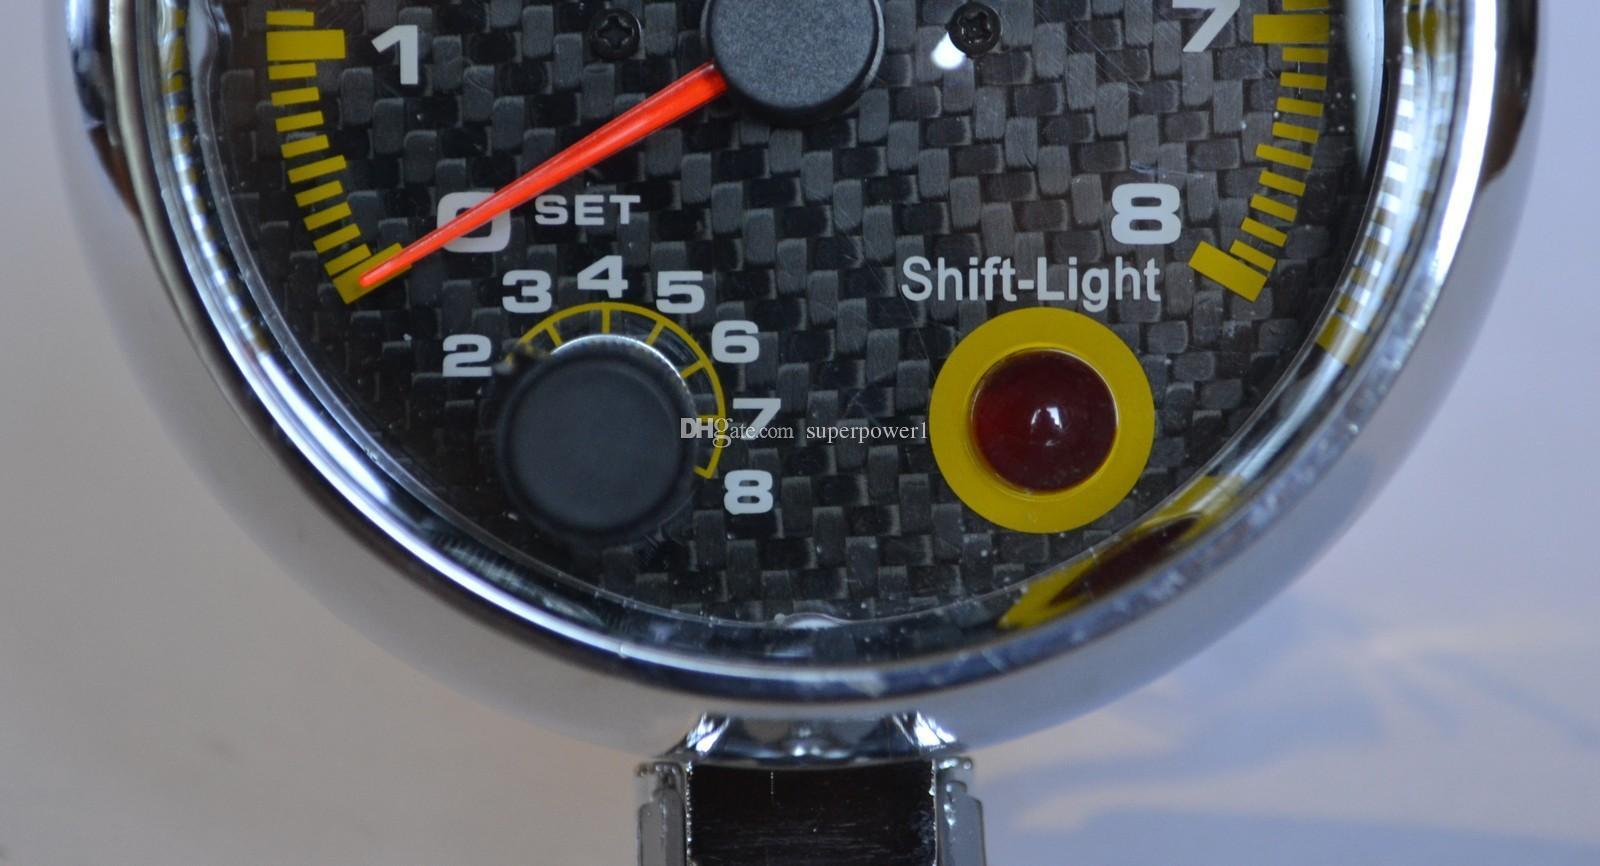 3.75 ''80mm 0 ~ 8000 타코미터 게이지 탄소 섬유 페이스 타코미터 RPM 게이지 RPM 미터 RPM 시프트 라이트 자동 게이지